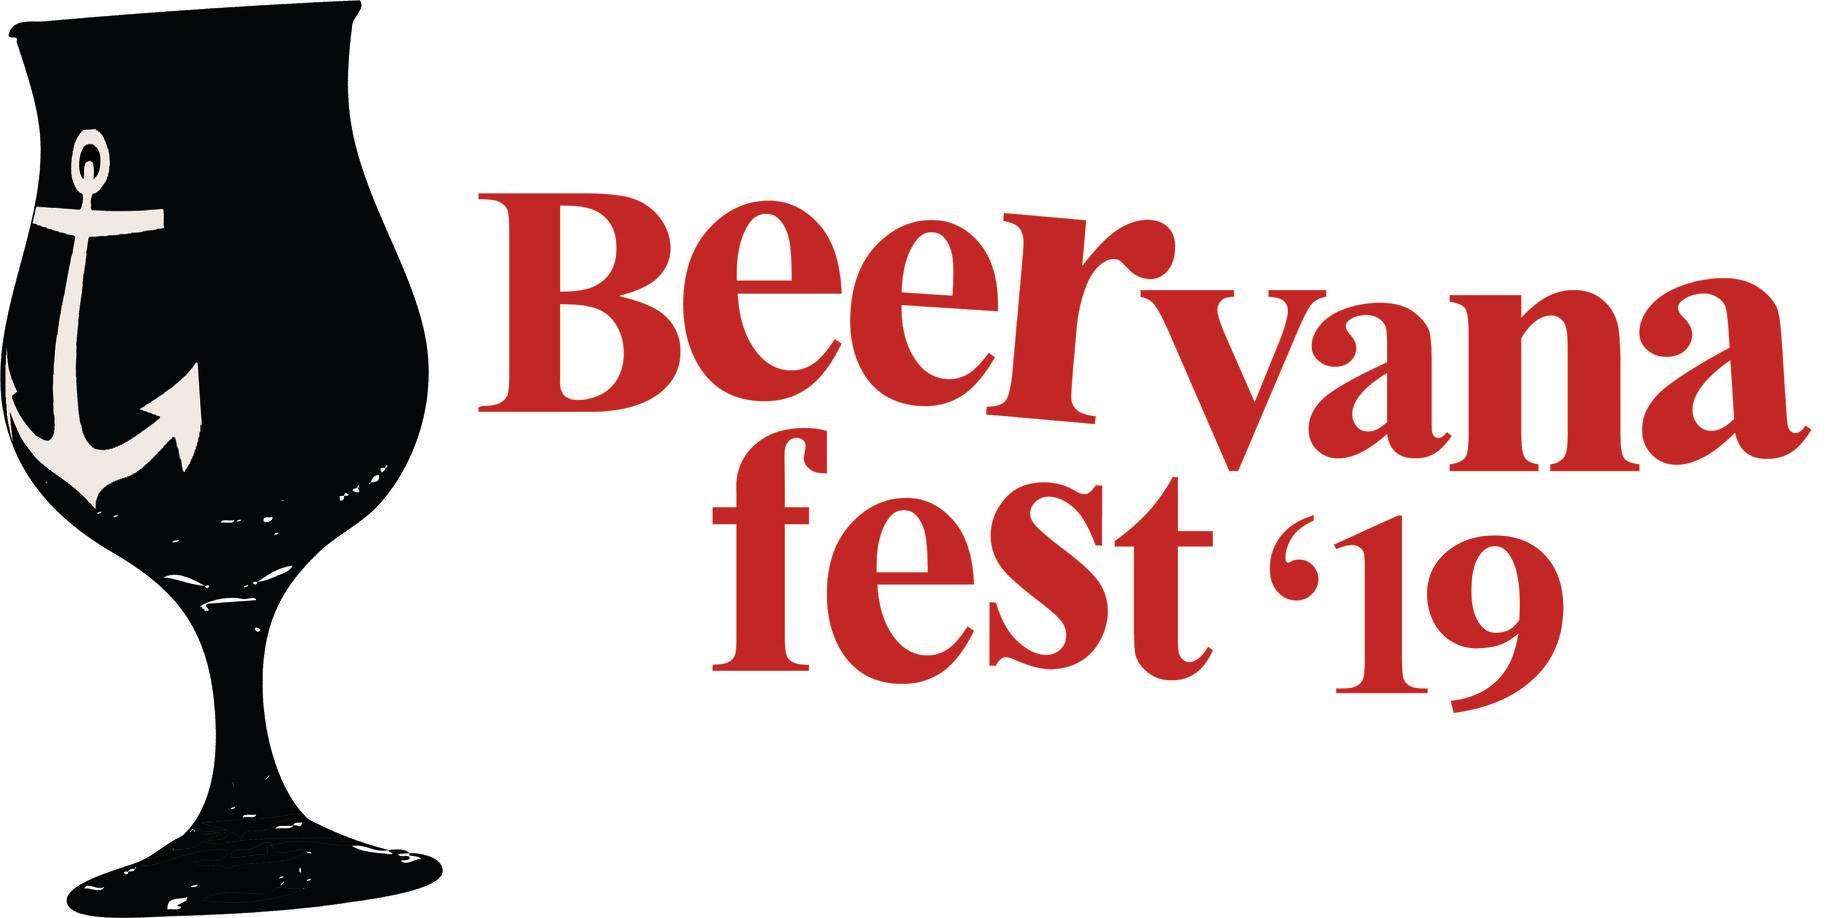 October 26, 2019: Beervana Fest